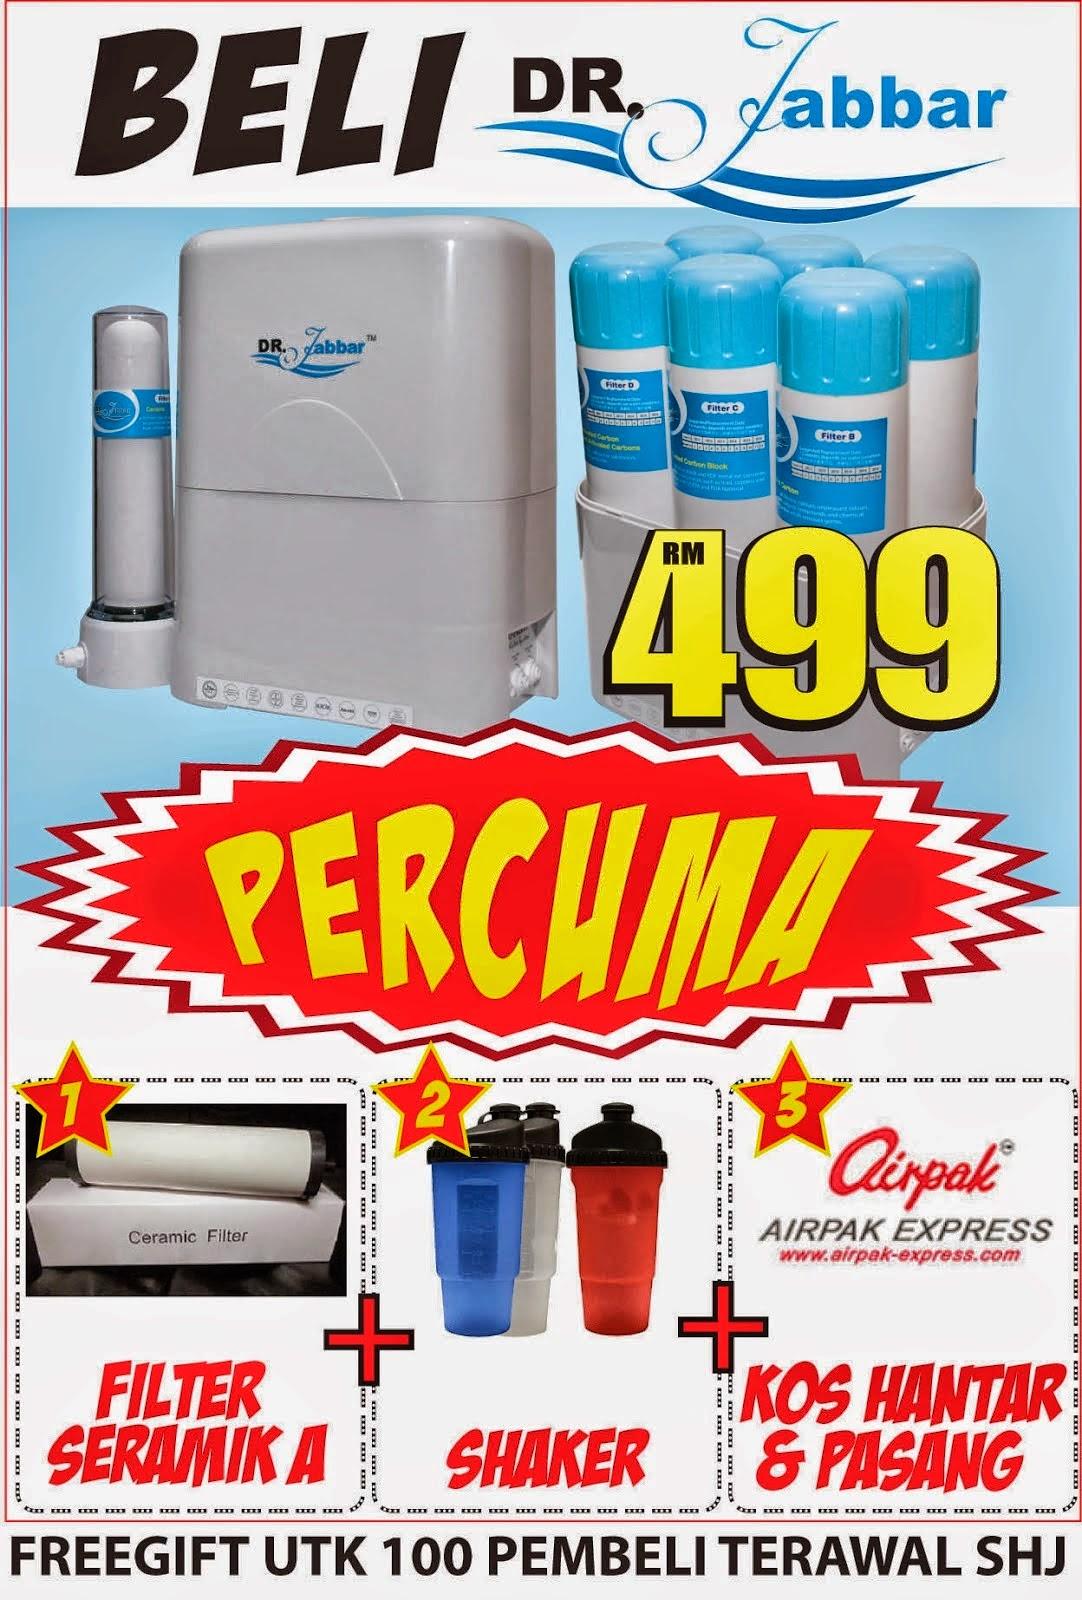 Promosi Penapis Air Dr Jabbar yang murah dan berkualiti